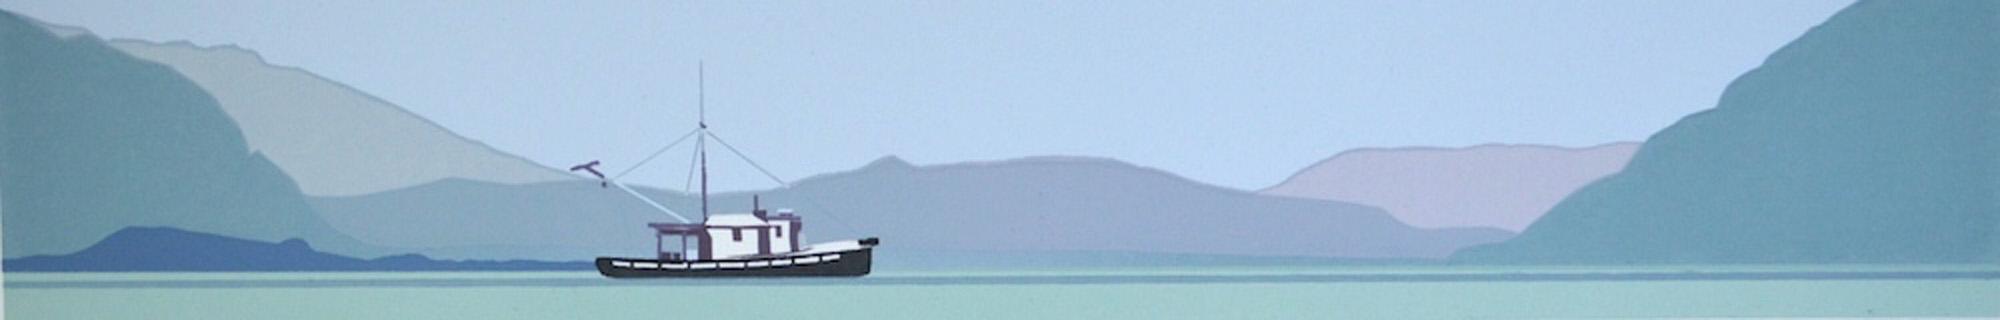 Donna Catotti Aspen Shadows, serigraph, image 2 x 12 inches